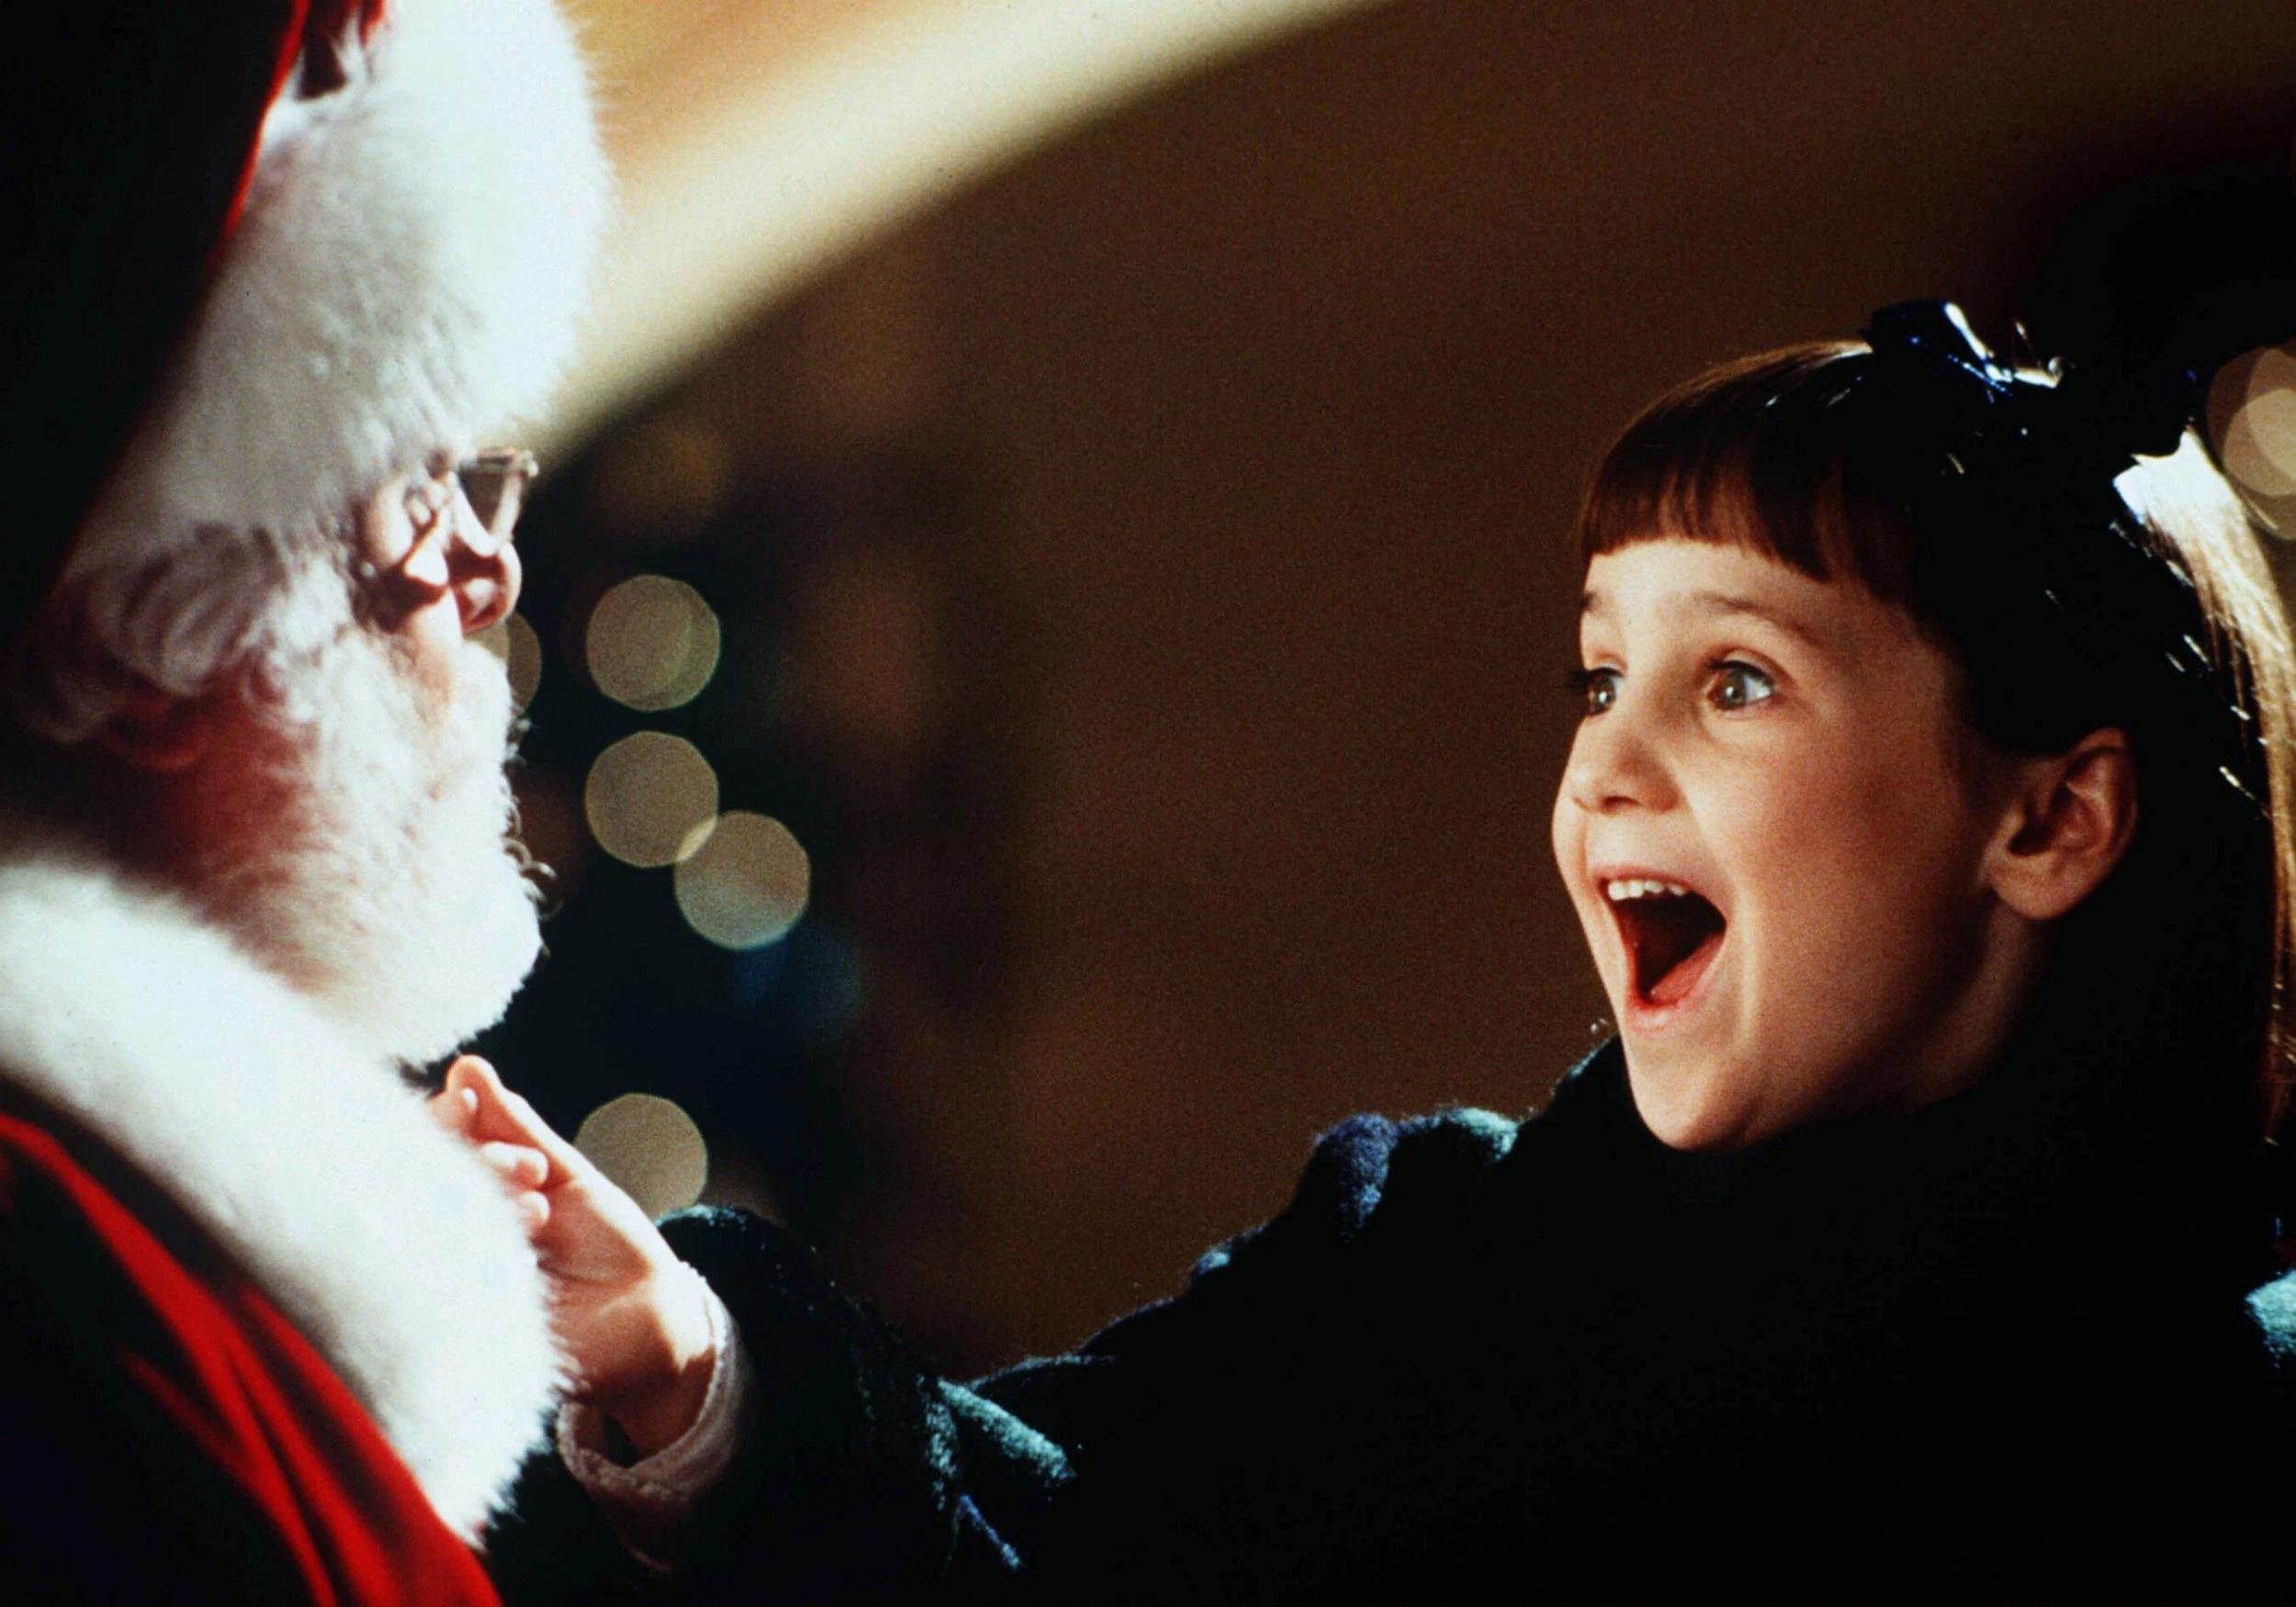 Miracle on 34th street Susan Walker seeing Santa Claus